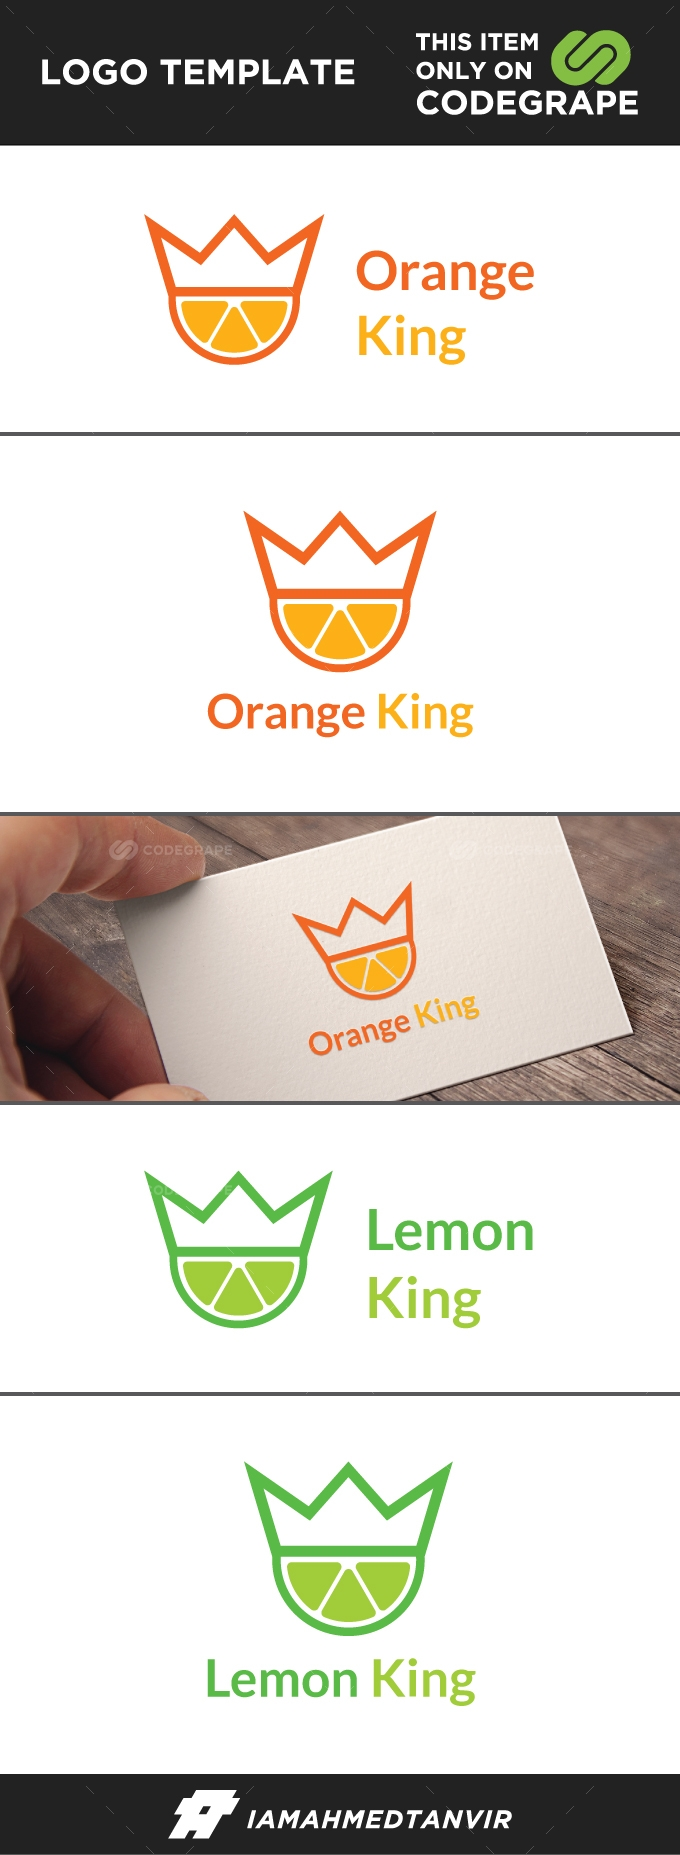 Orange King or Lemon King